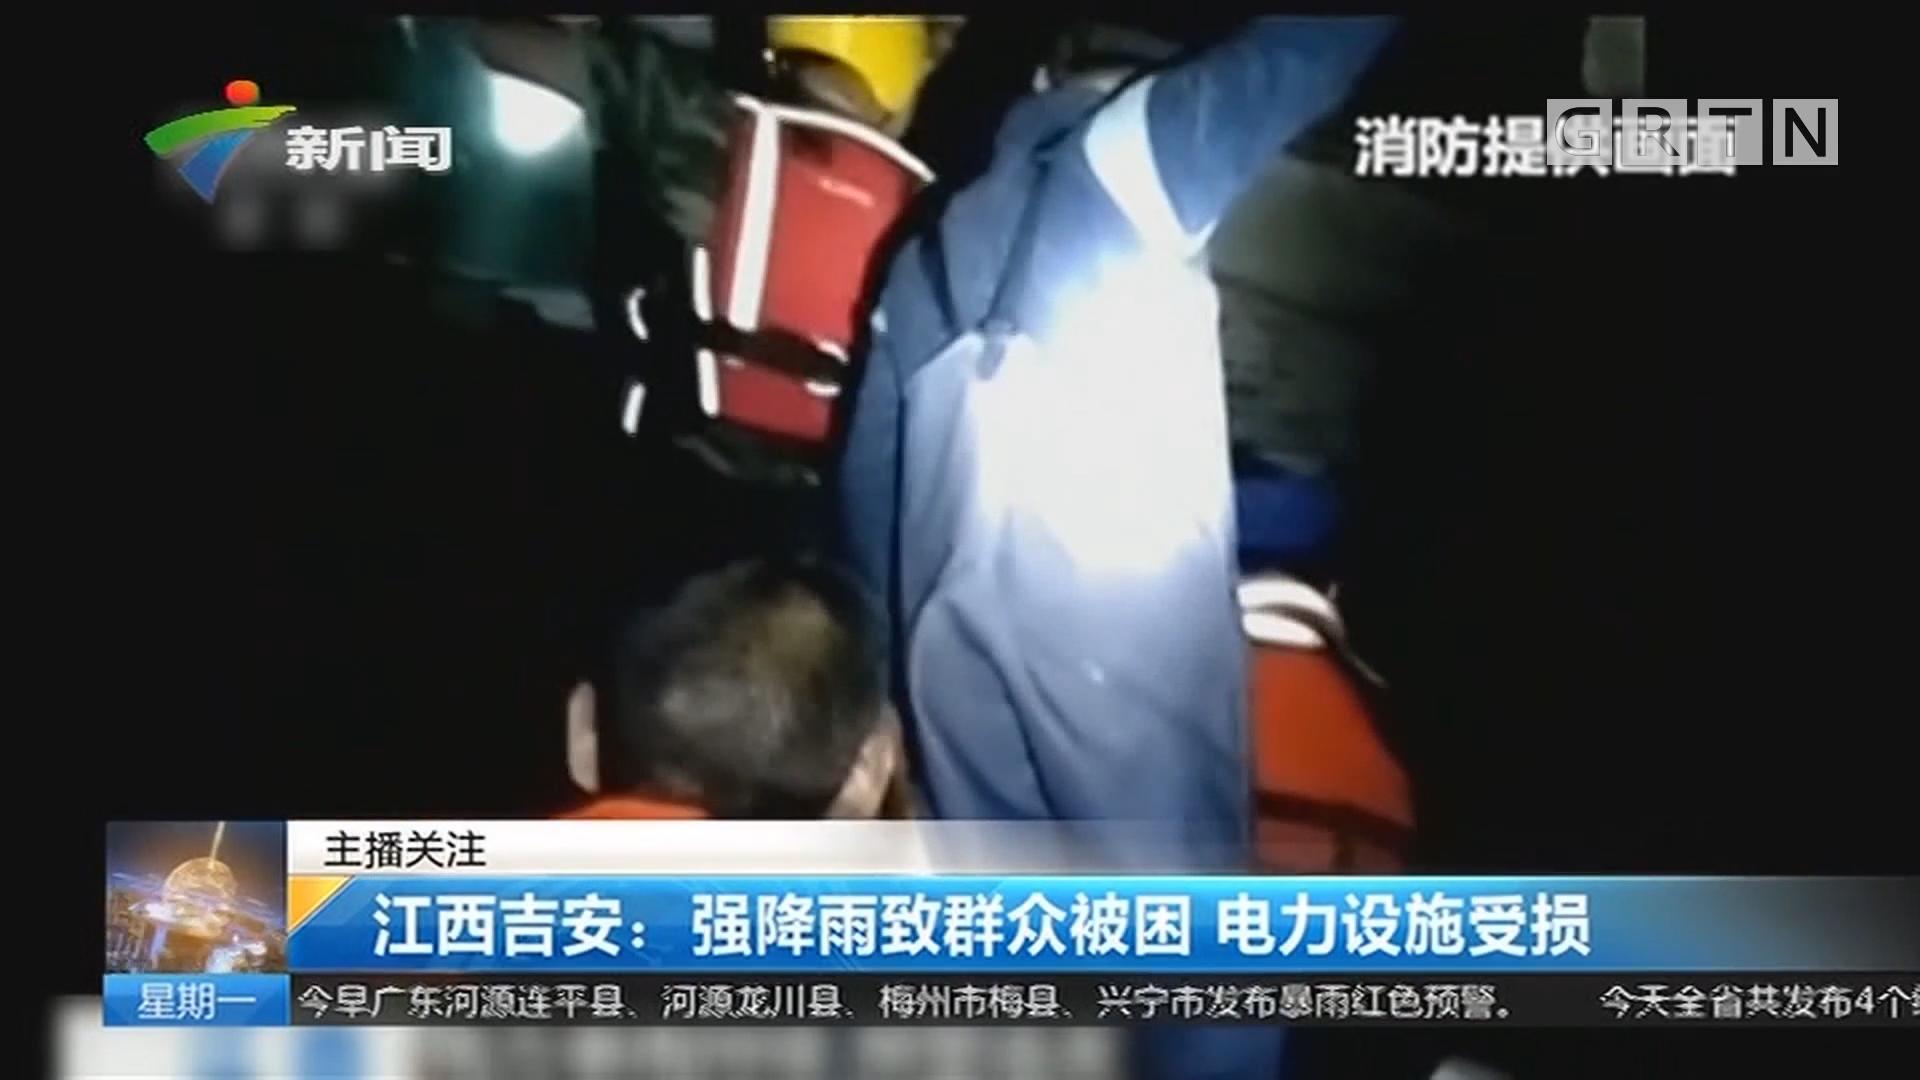 江西吉安:强降雨致群众被困 电力设施受损